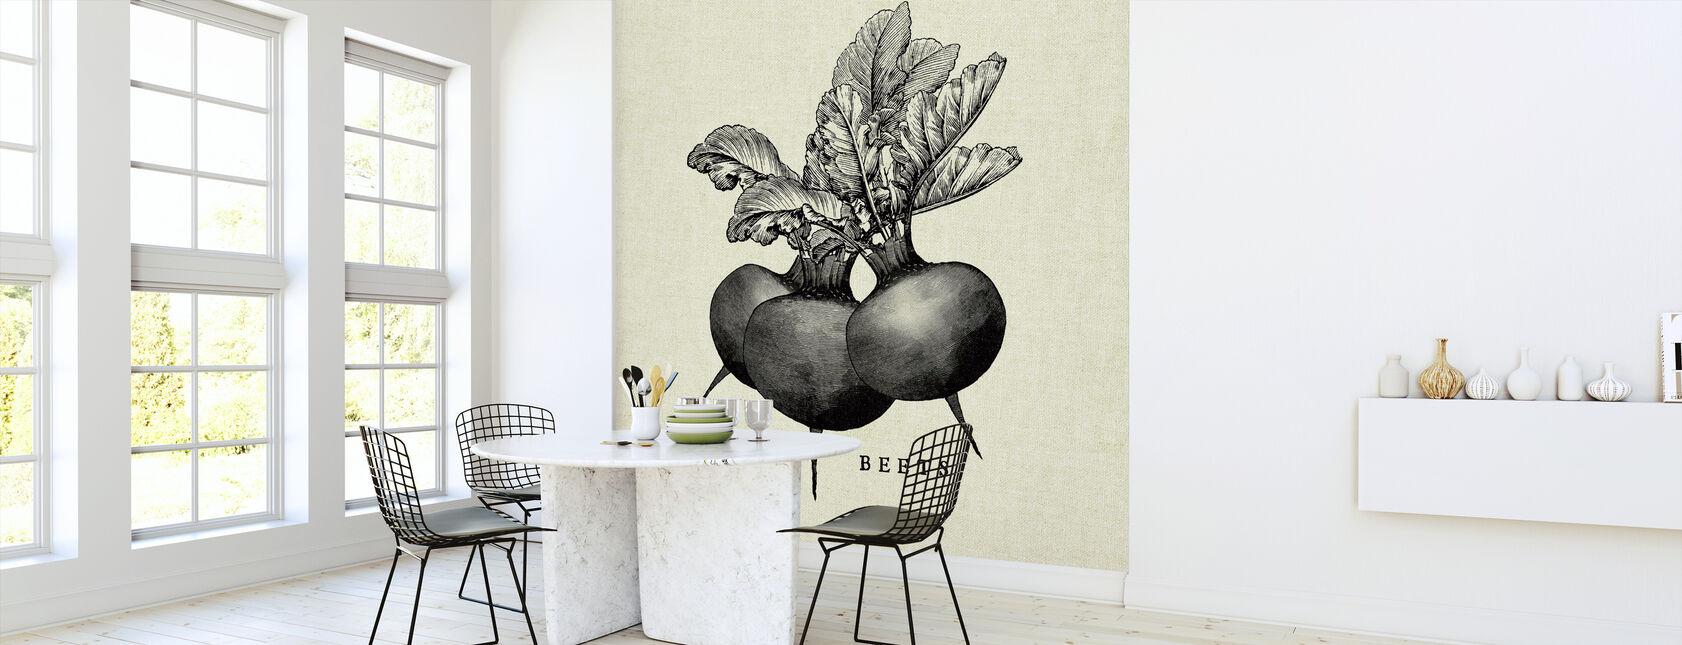 Keuken Illustratie - Bieten - Behang - Keuken